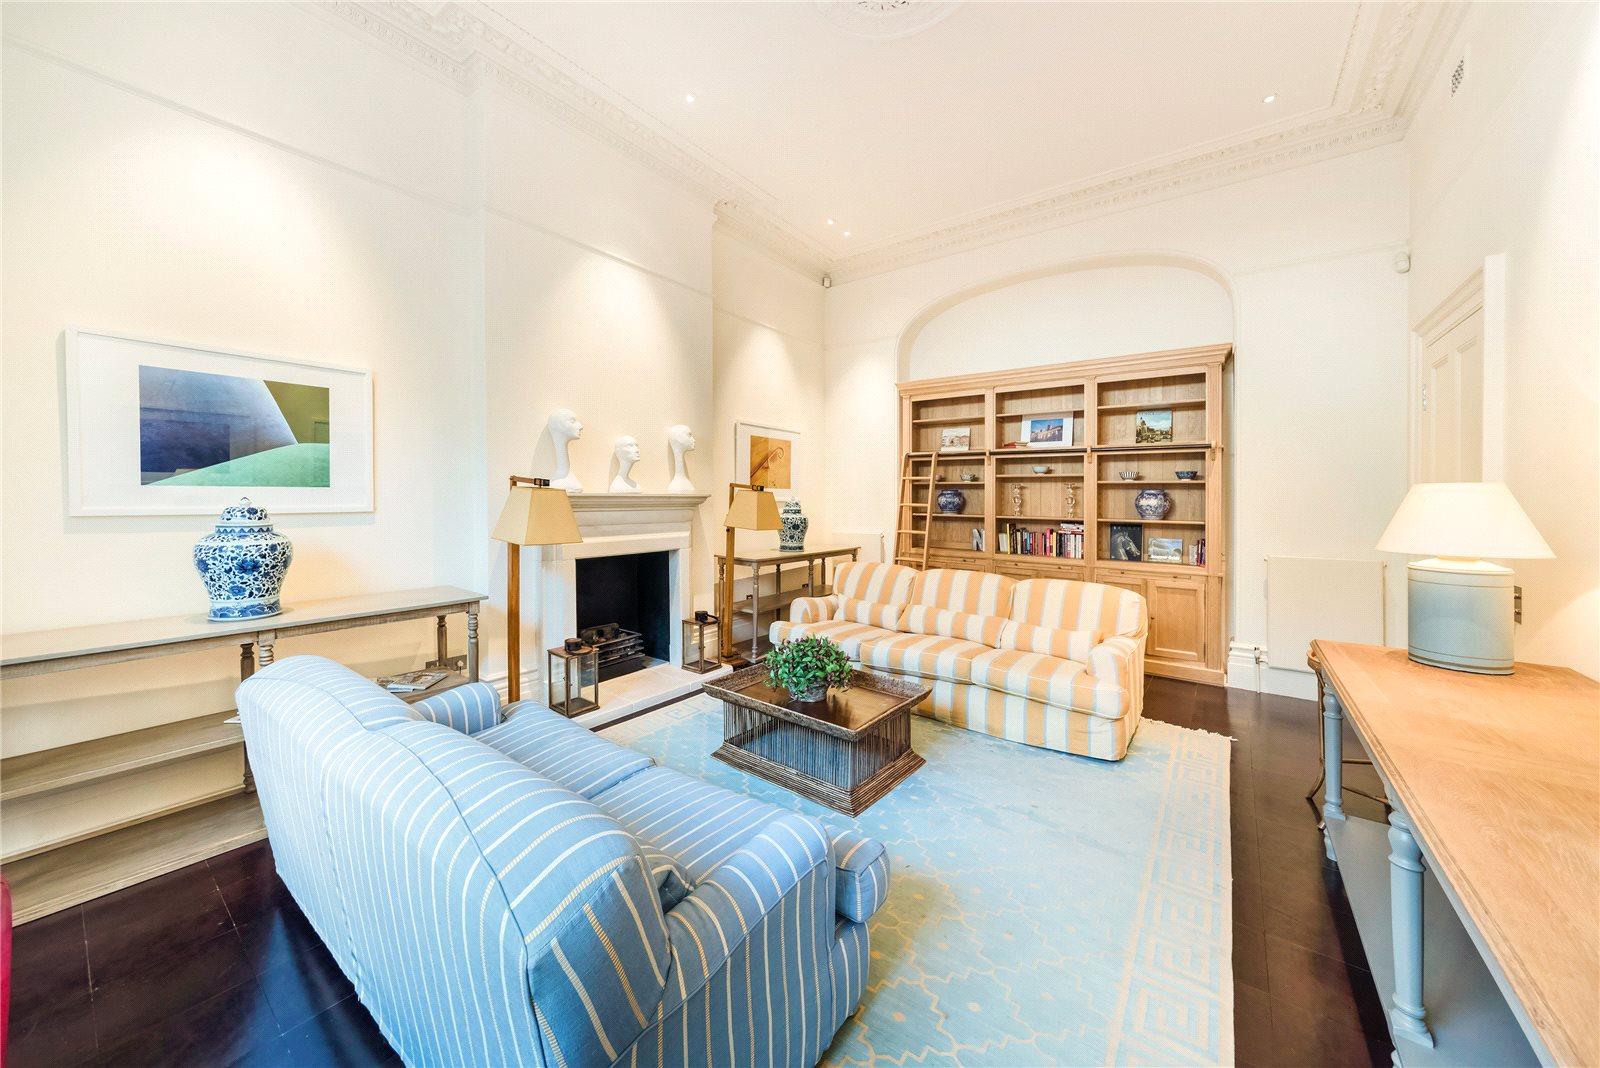 Appartement pour l Vente à Roland Gardens, South Kensington, SW7 South Kensington, Angleterre